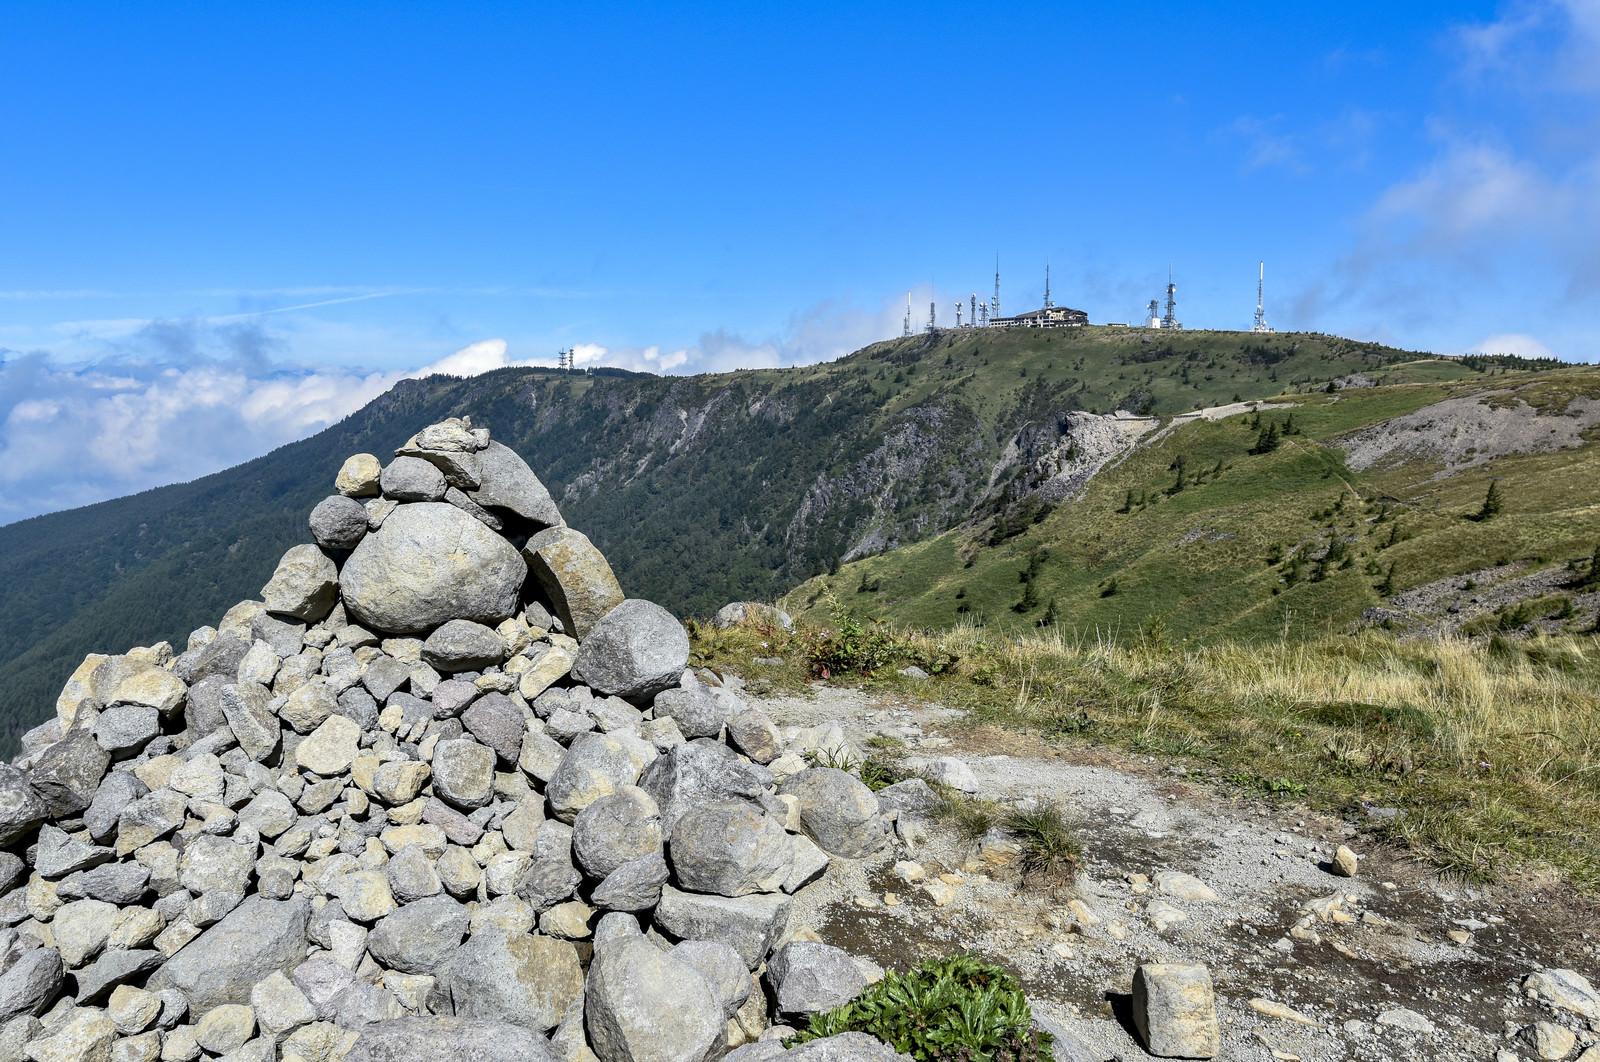 「美ヶ原登山道から見る山頂方面」の写真